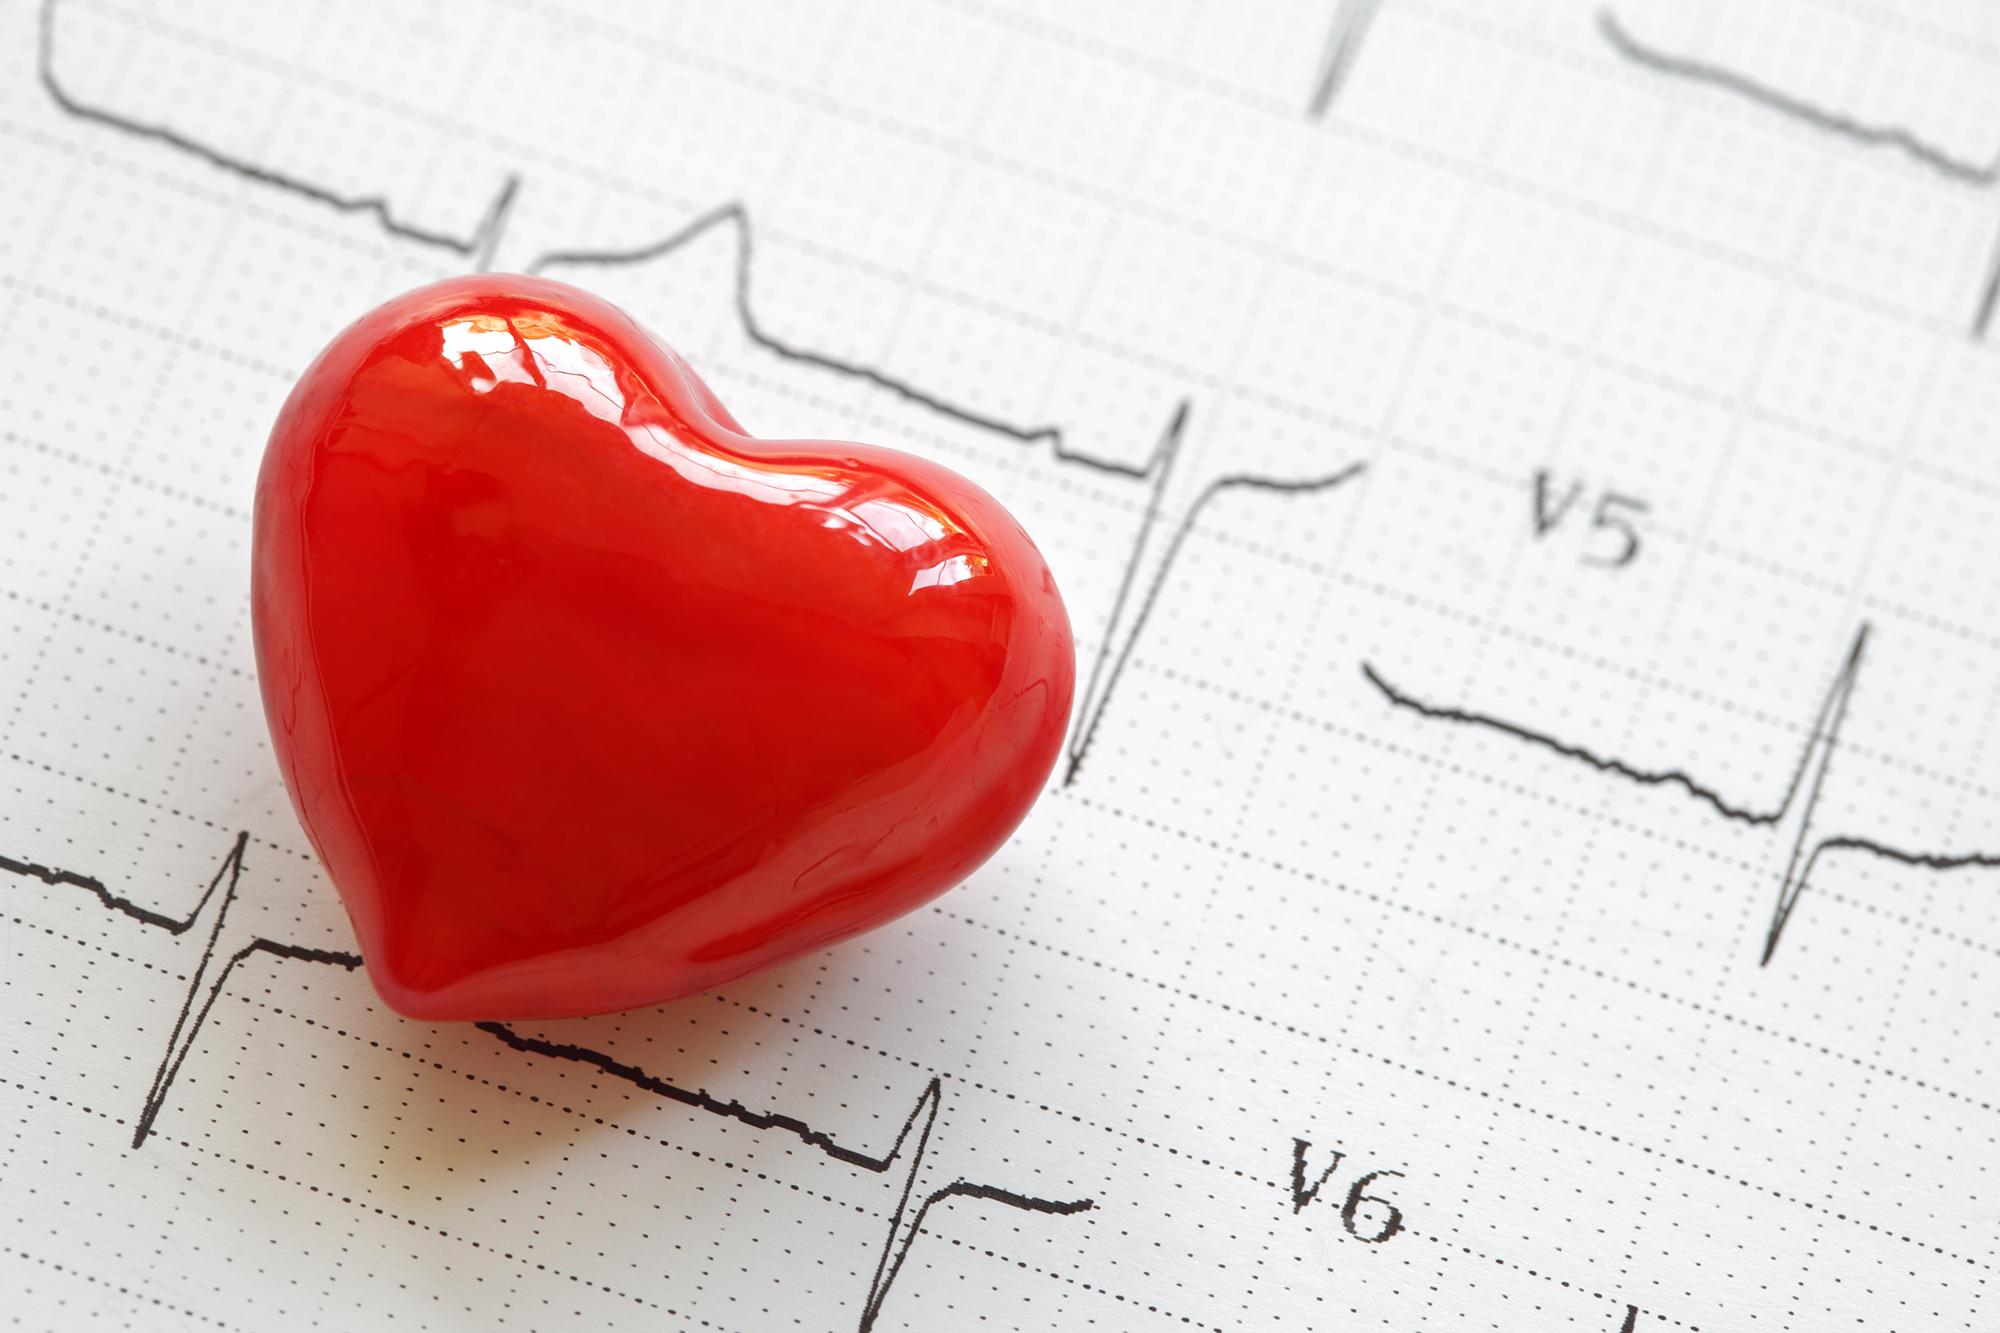 De la ce varsta trebuie monitorizat cu atentie nivelul de colesterol